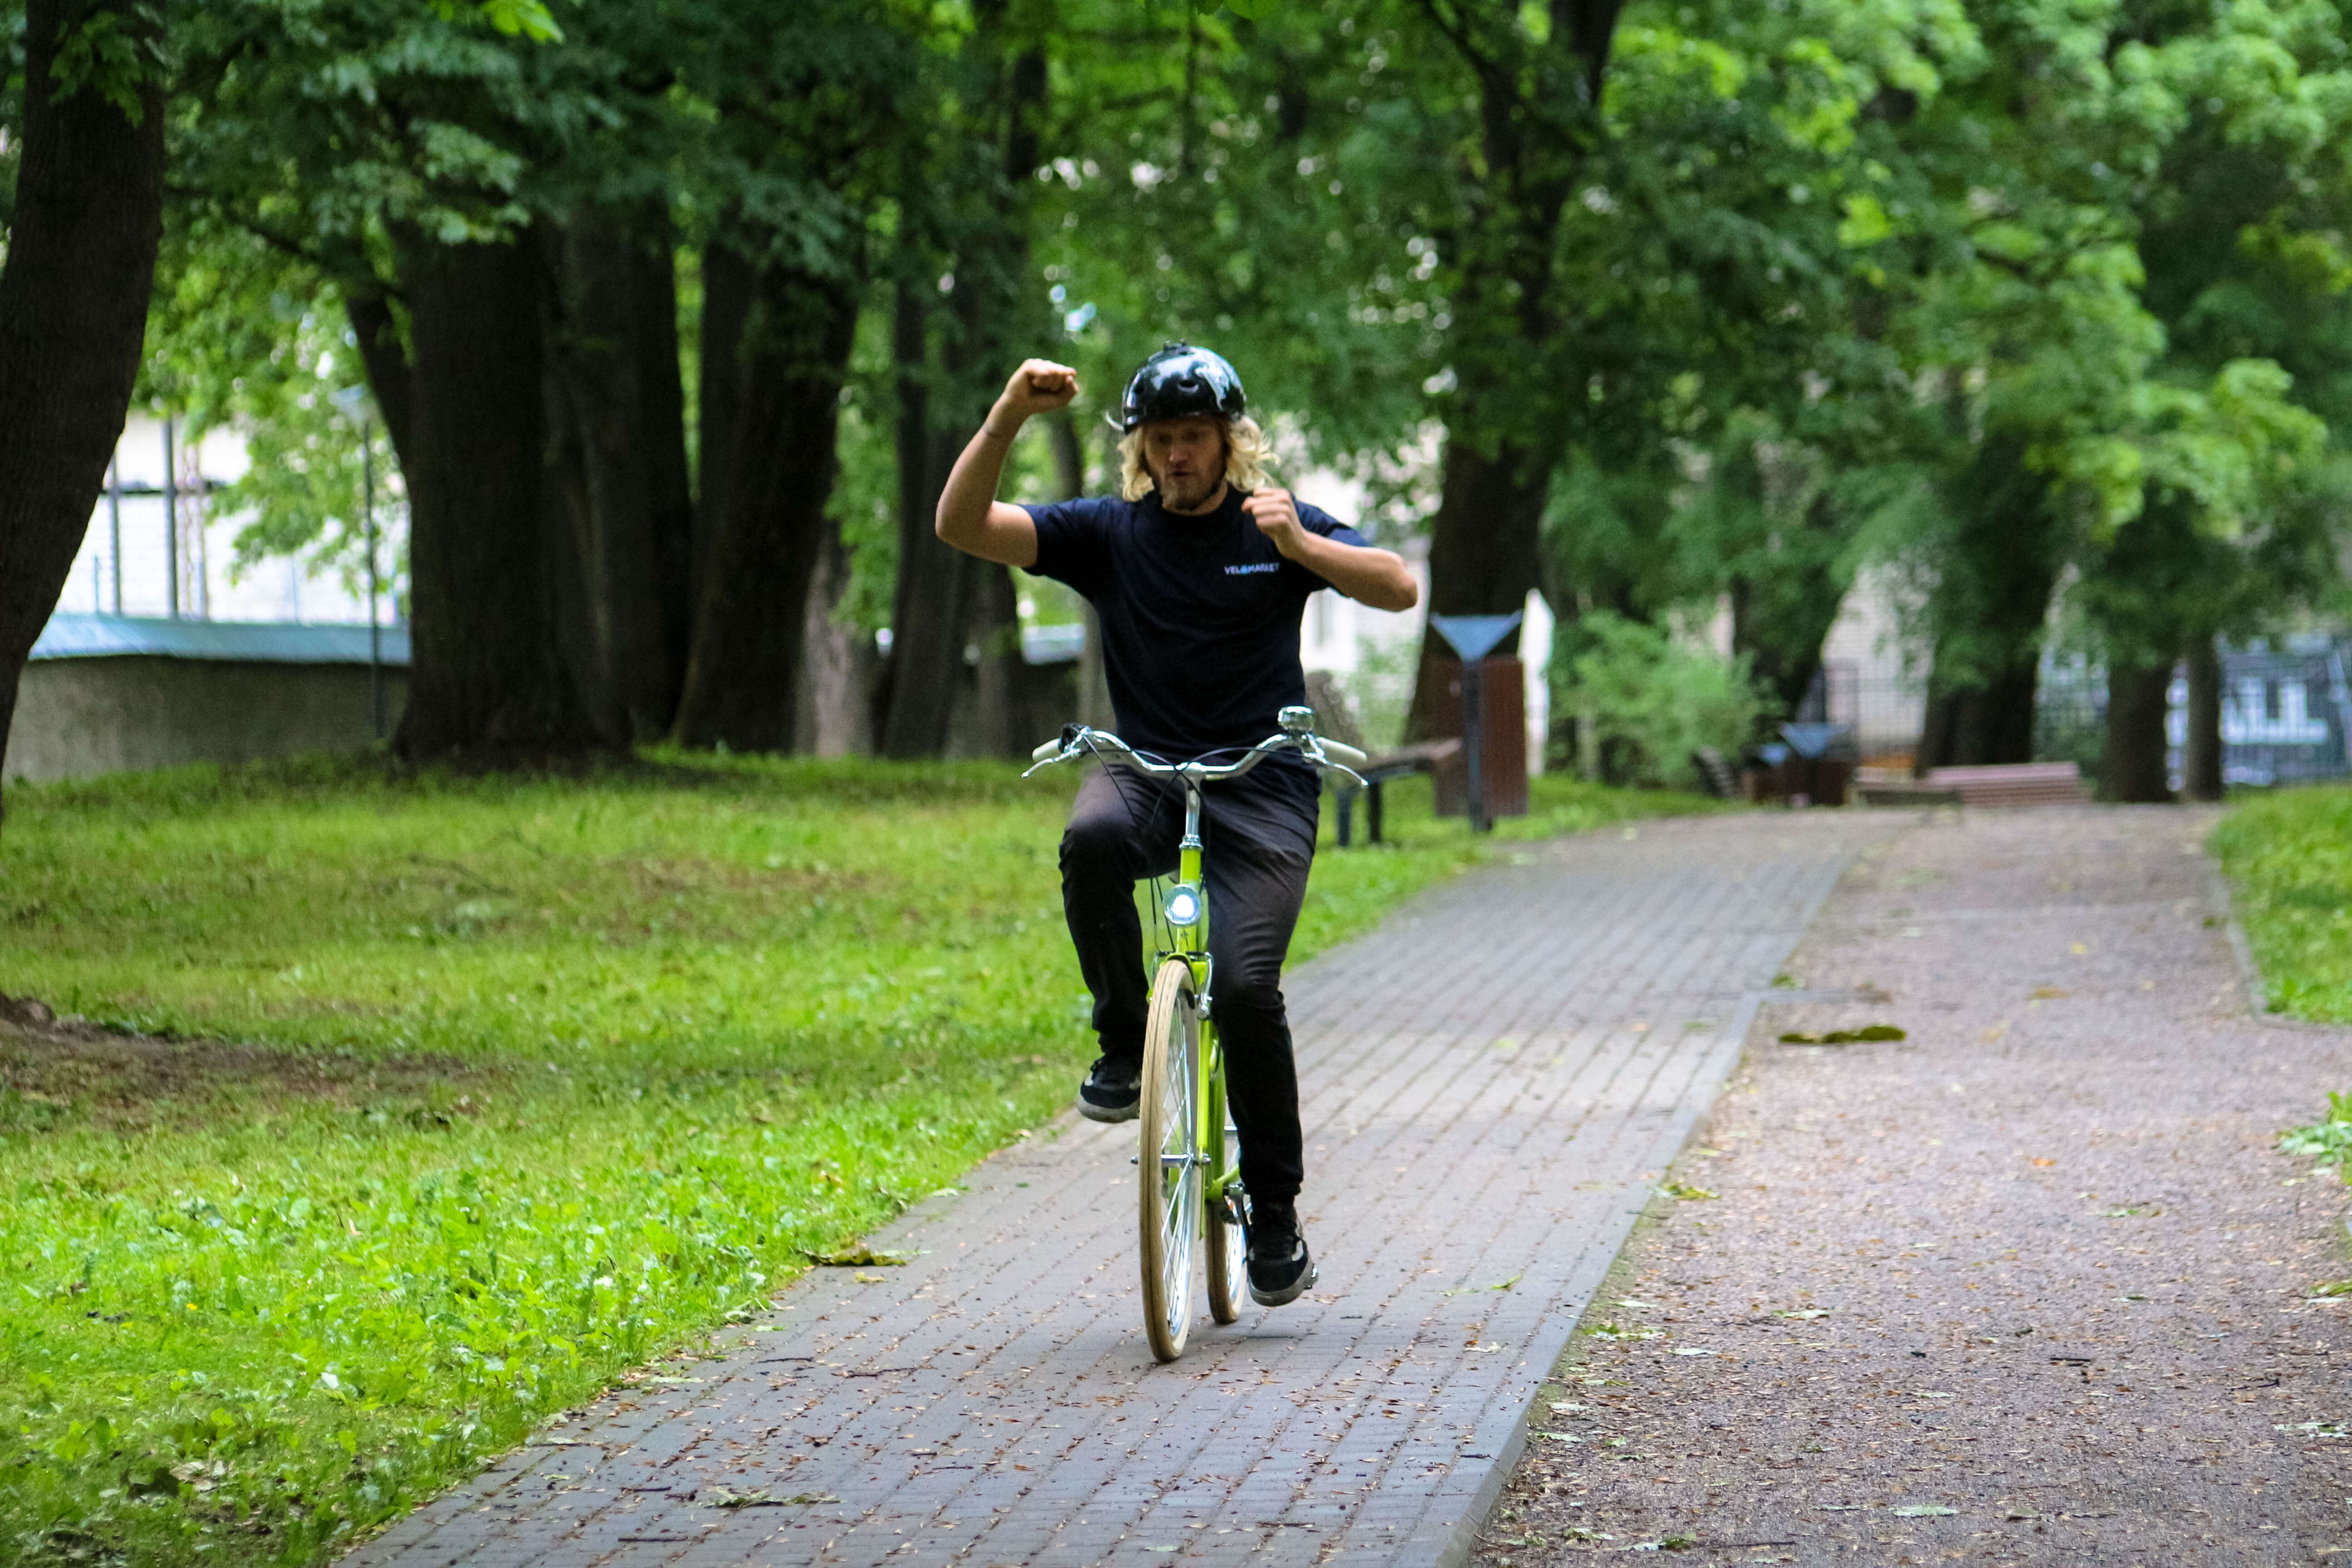 5 levinud ratturist kontoritöötaja stereotüüpi #rattagatööle